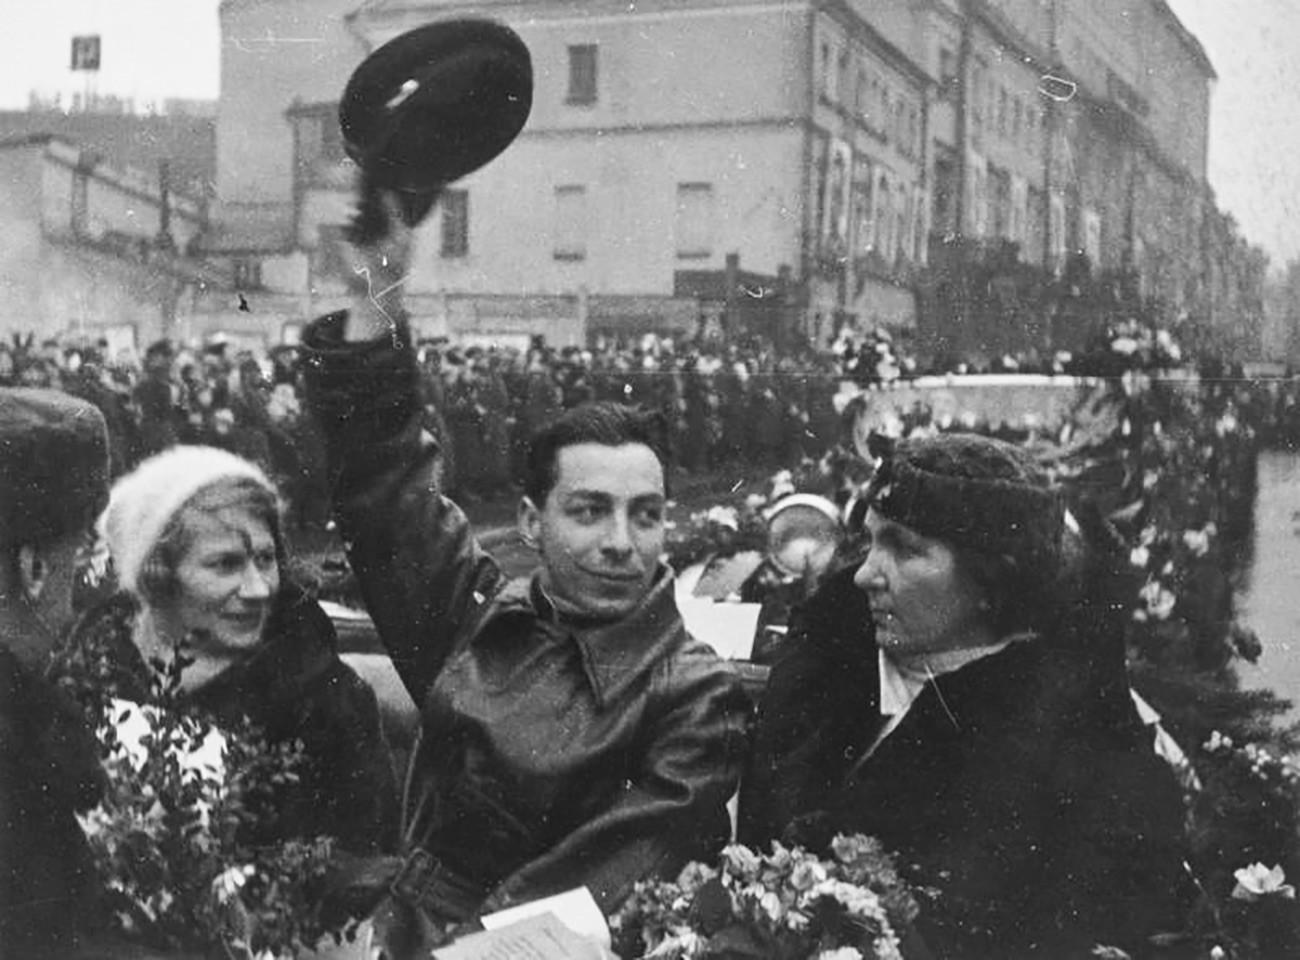 J. Fjodorov u automobilu. Doček Papanjinovih heroja u Moskvi. Danas je ovo Mjasnjicka ulica u Moskvi. Stanica